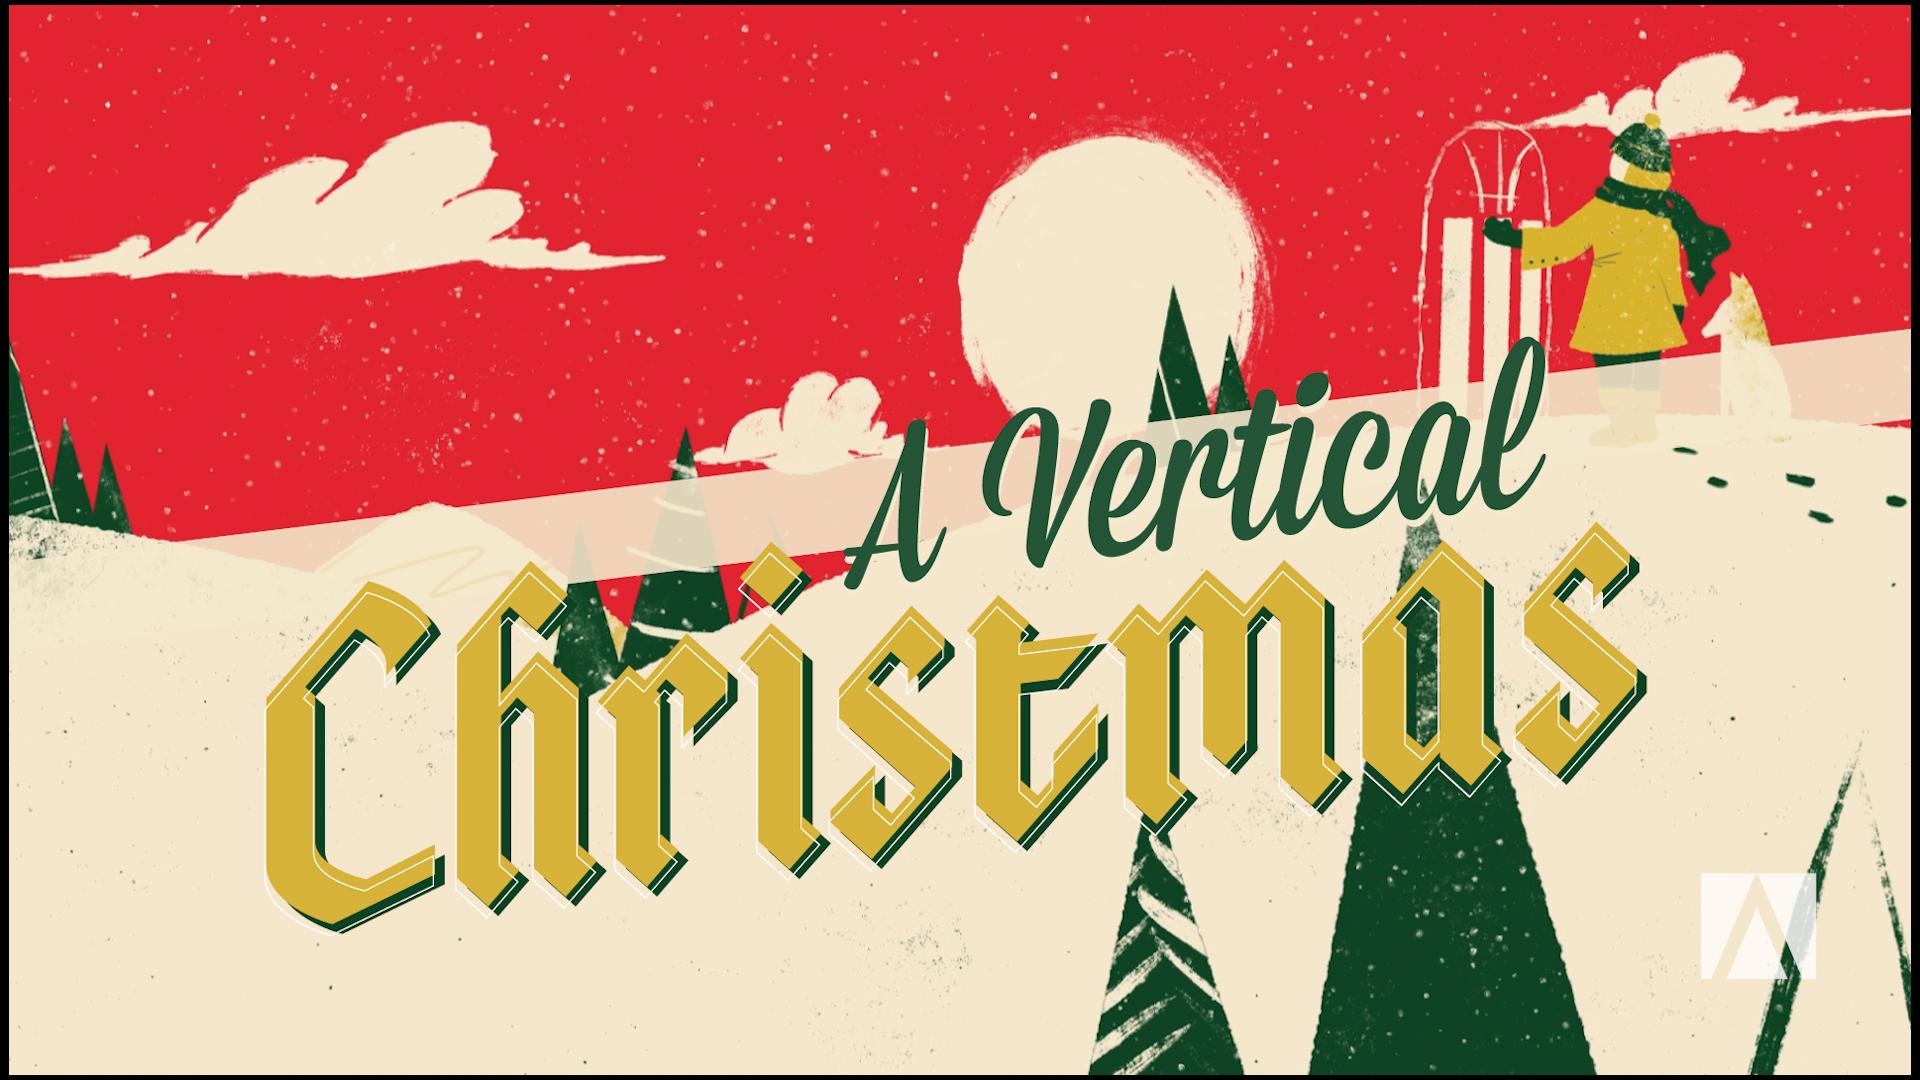 A Vertical Christmas - December2014